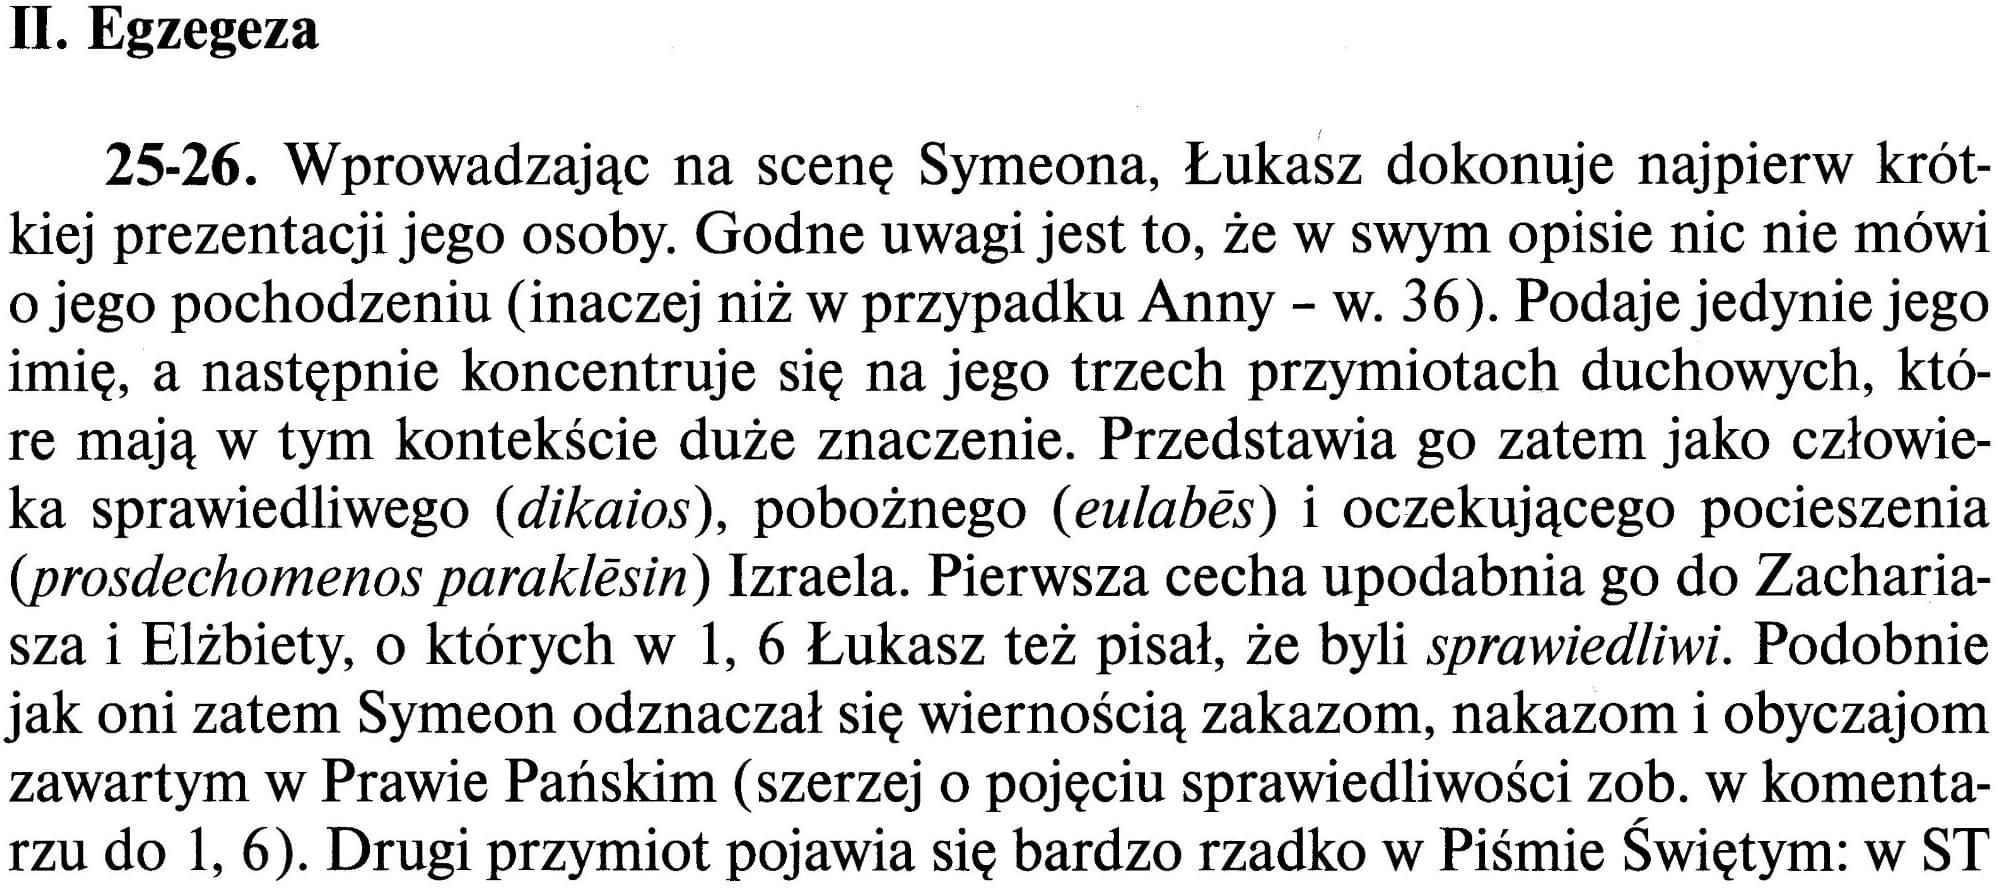 ed. Święty Paweł